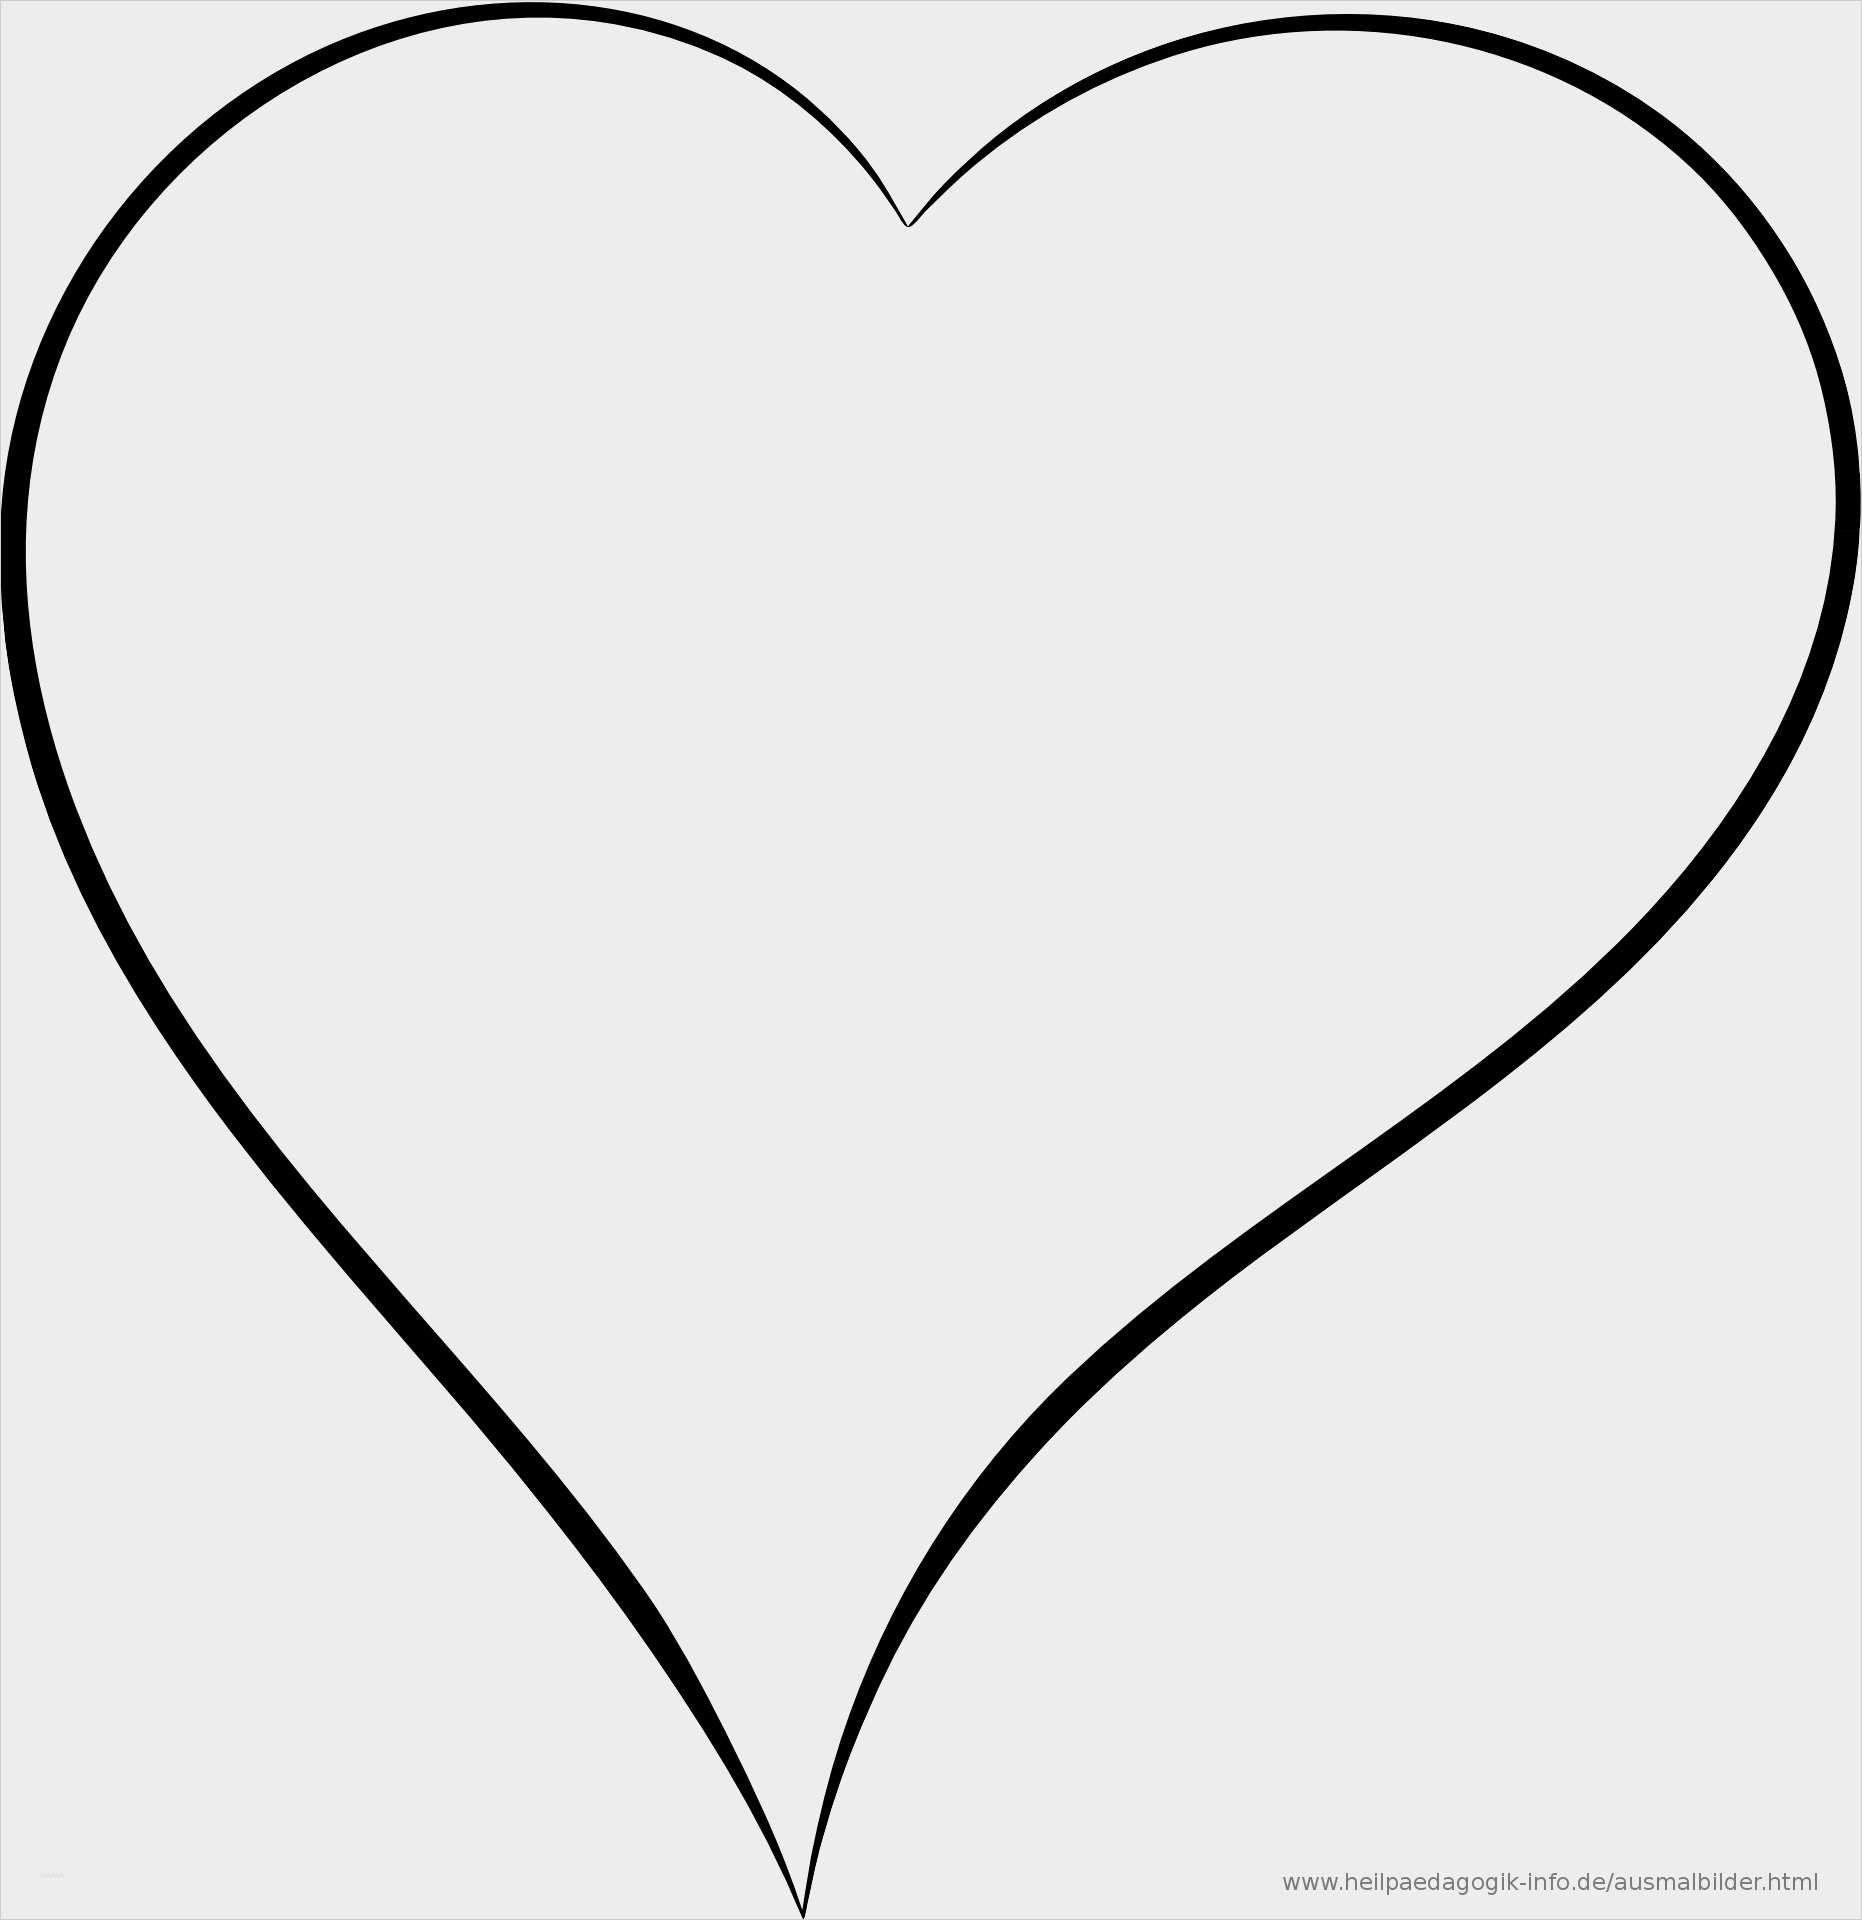 Unique Herz Vorlage Zum Ausdrucken In 2020   Herz Vorlage in Schablonen Ausdrucken Vorlagen